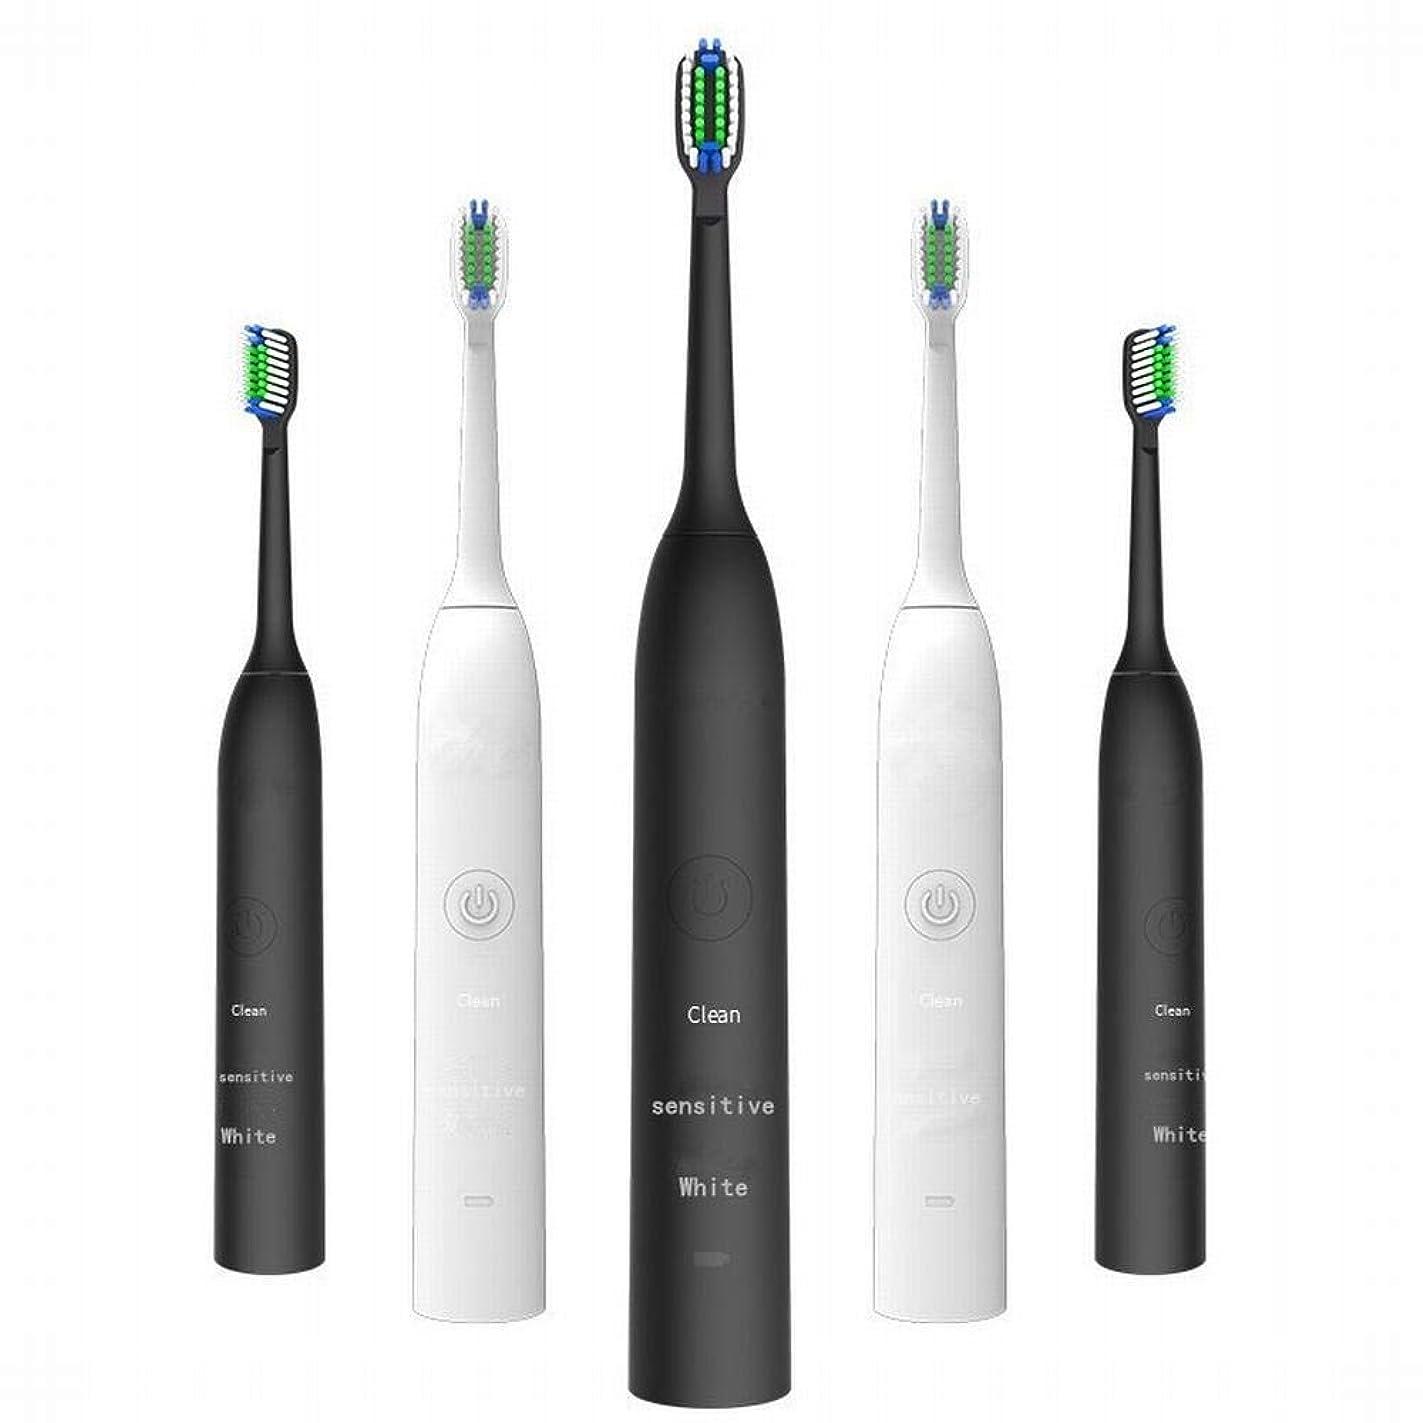 アロングシールドヒューバートハドソン電動歯ブラシ 充電式電動歯ブラシ2つのブラシヘッドで3速度調整誘導充電音波振動歯ブラシキッズ電動歯ブラシ (色 : White)